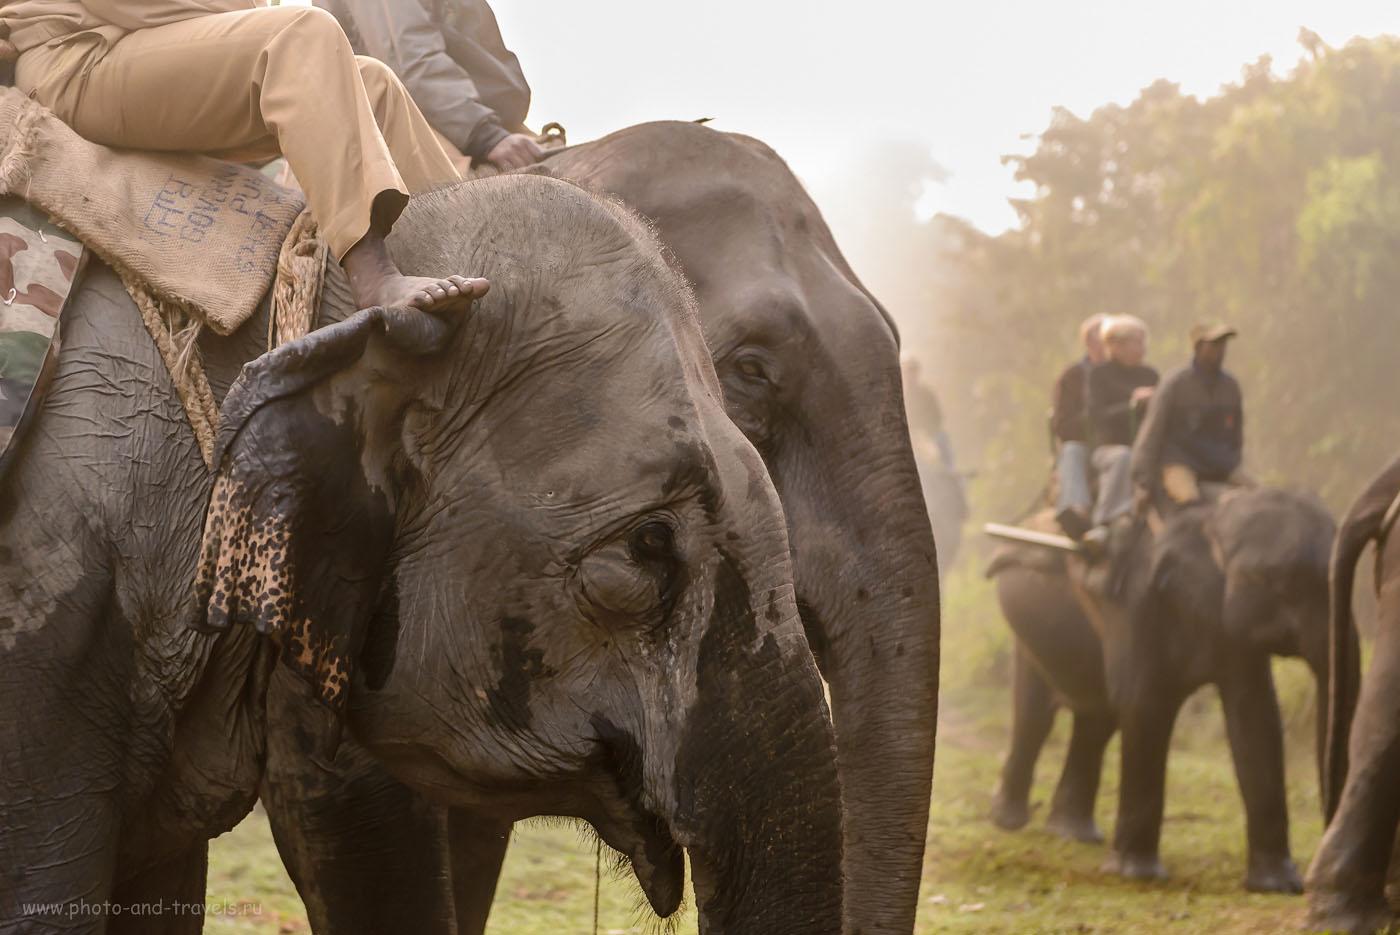 Фотография 4. Ждем начала фотосафари. Поездка в Kaziranga National Park в ноябре 2015. Отчеты туристов о самостоятельном путешествии в штат Ассам (Assam state). 1/800, -0.67, 3.5, 2500, 70. Nikon 24-70/2.8